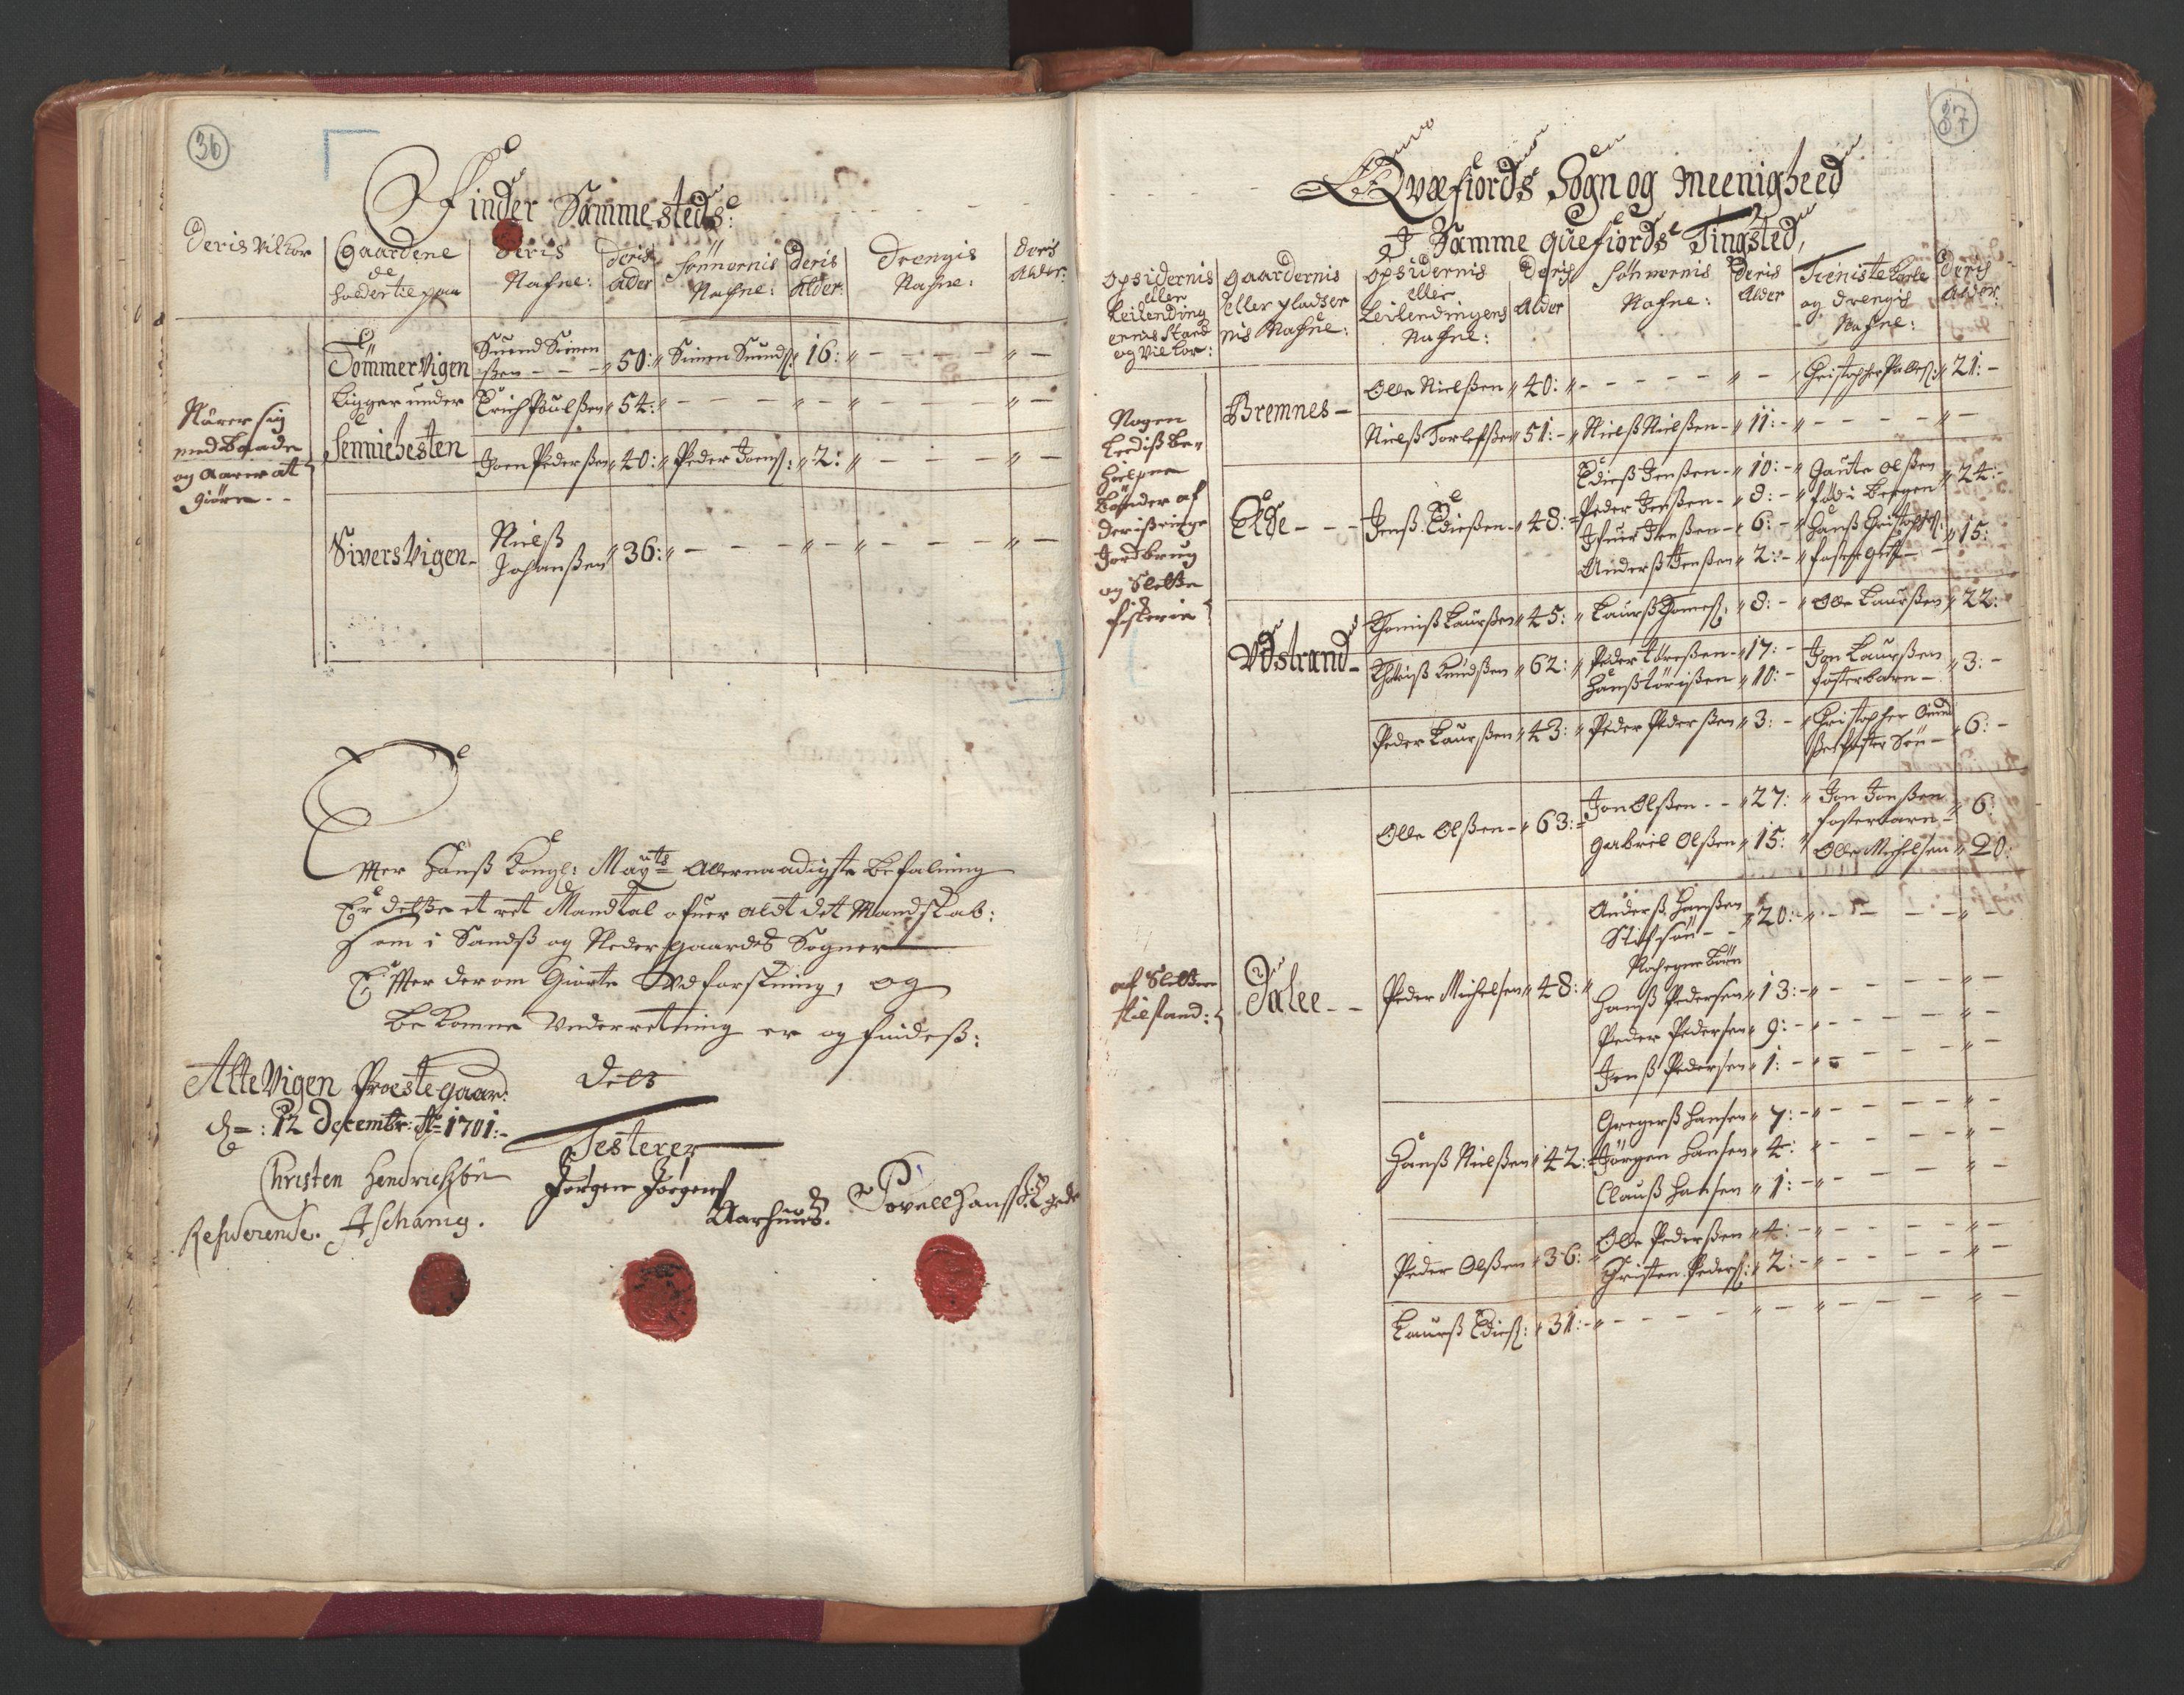 RA, Manntallet 1701, nr. 19: Senja og Tromsø fogderi, 1701, s. 36-37